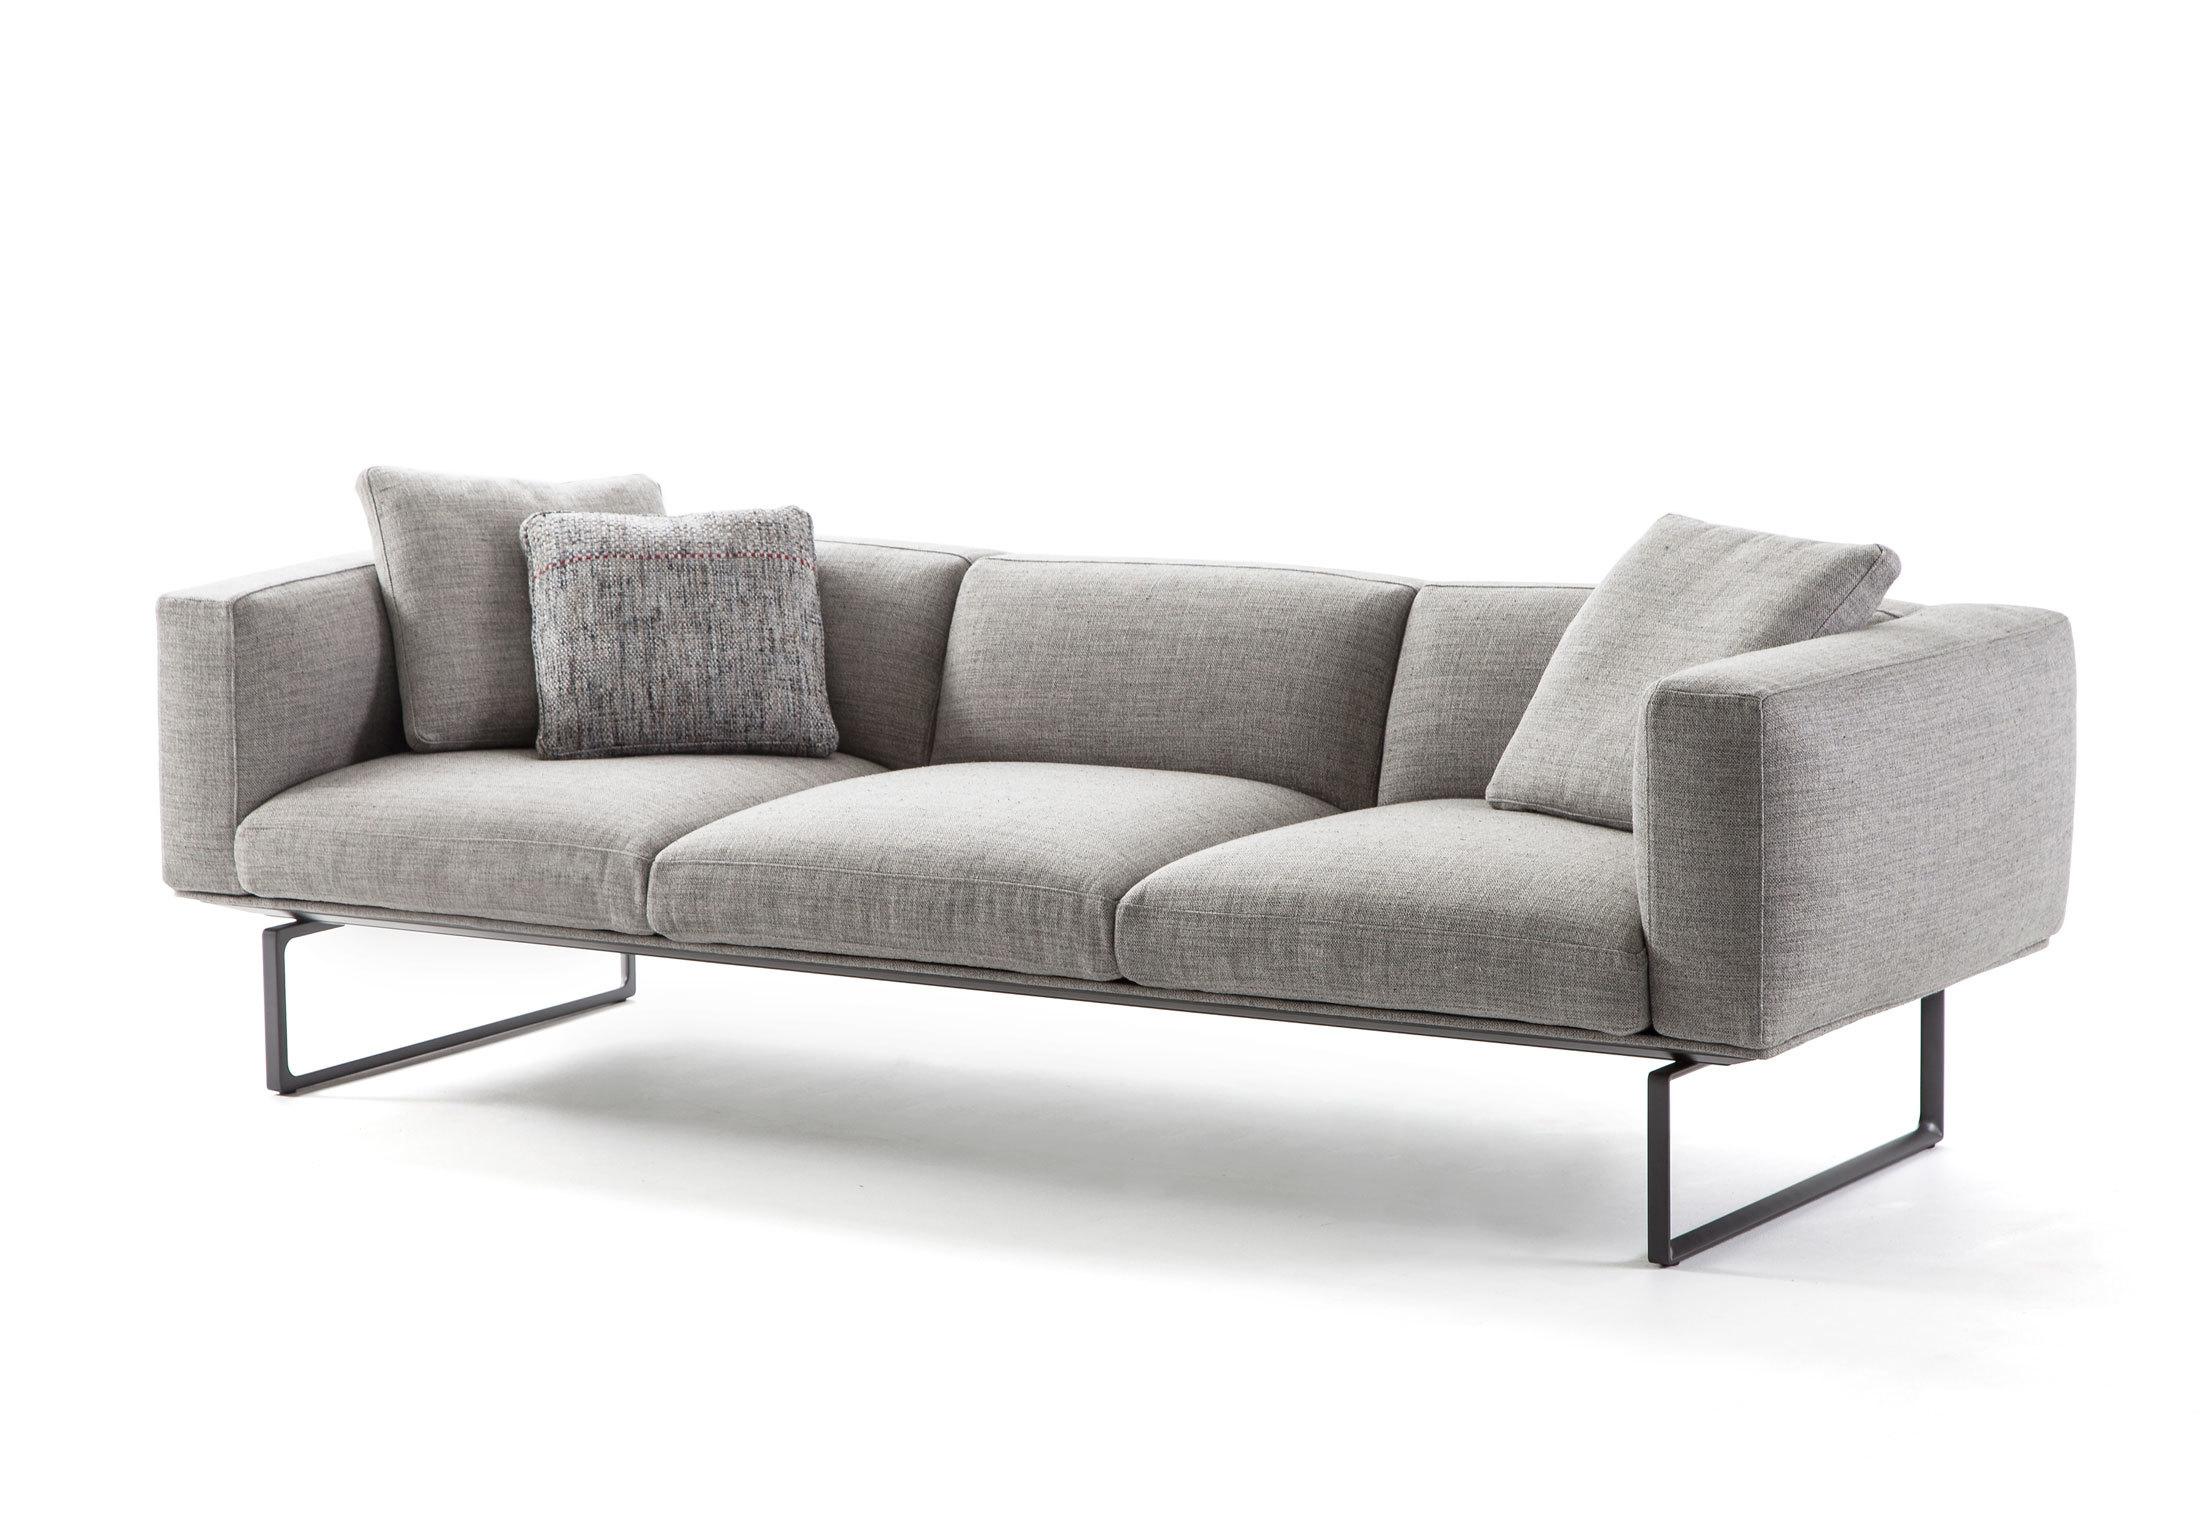 8 Sofa By Cassina